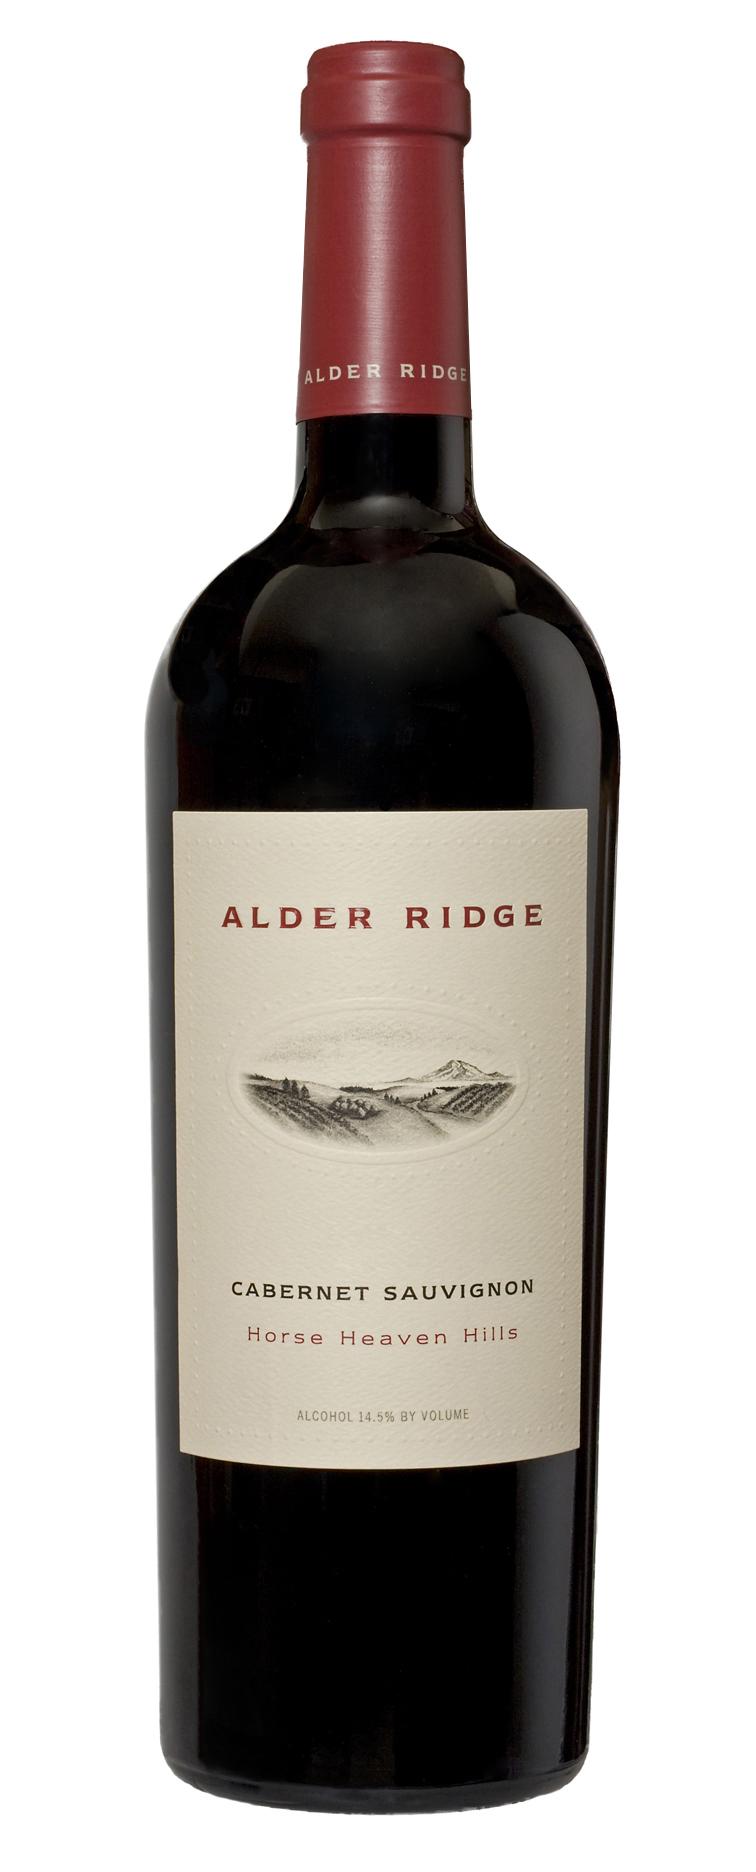 Alder Ridge Cabernet Sauvignon Bottle